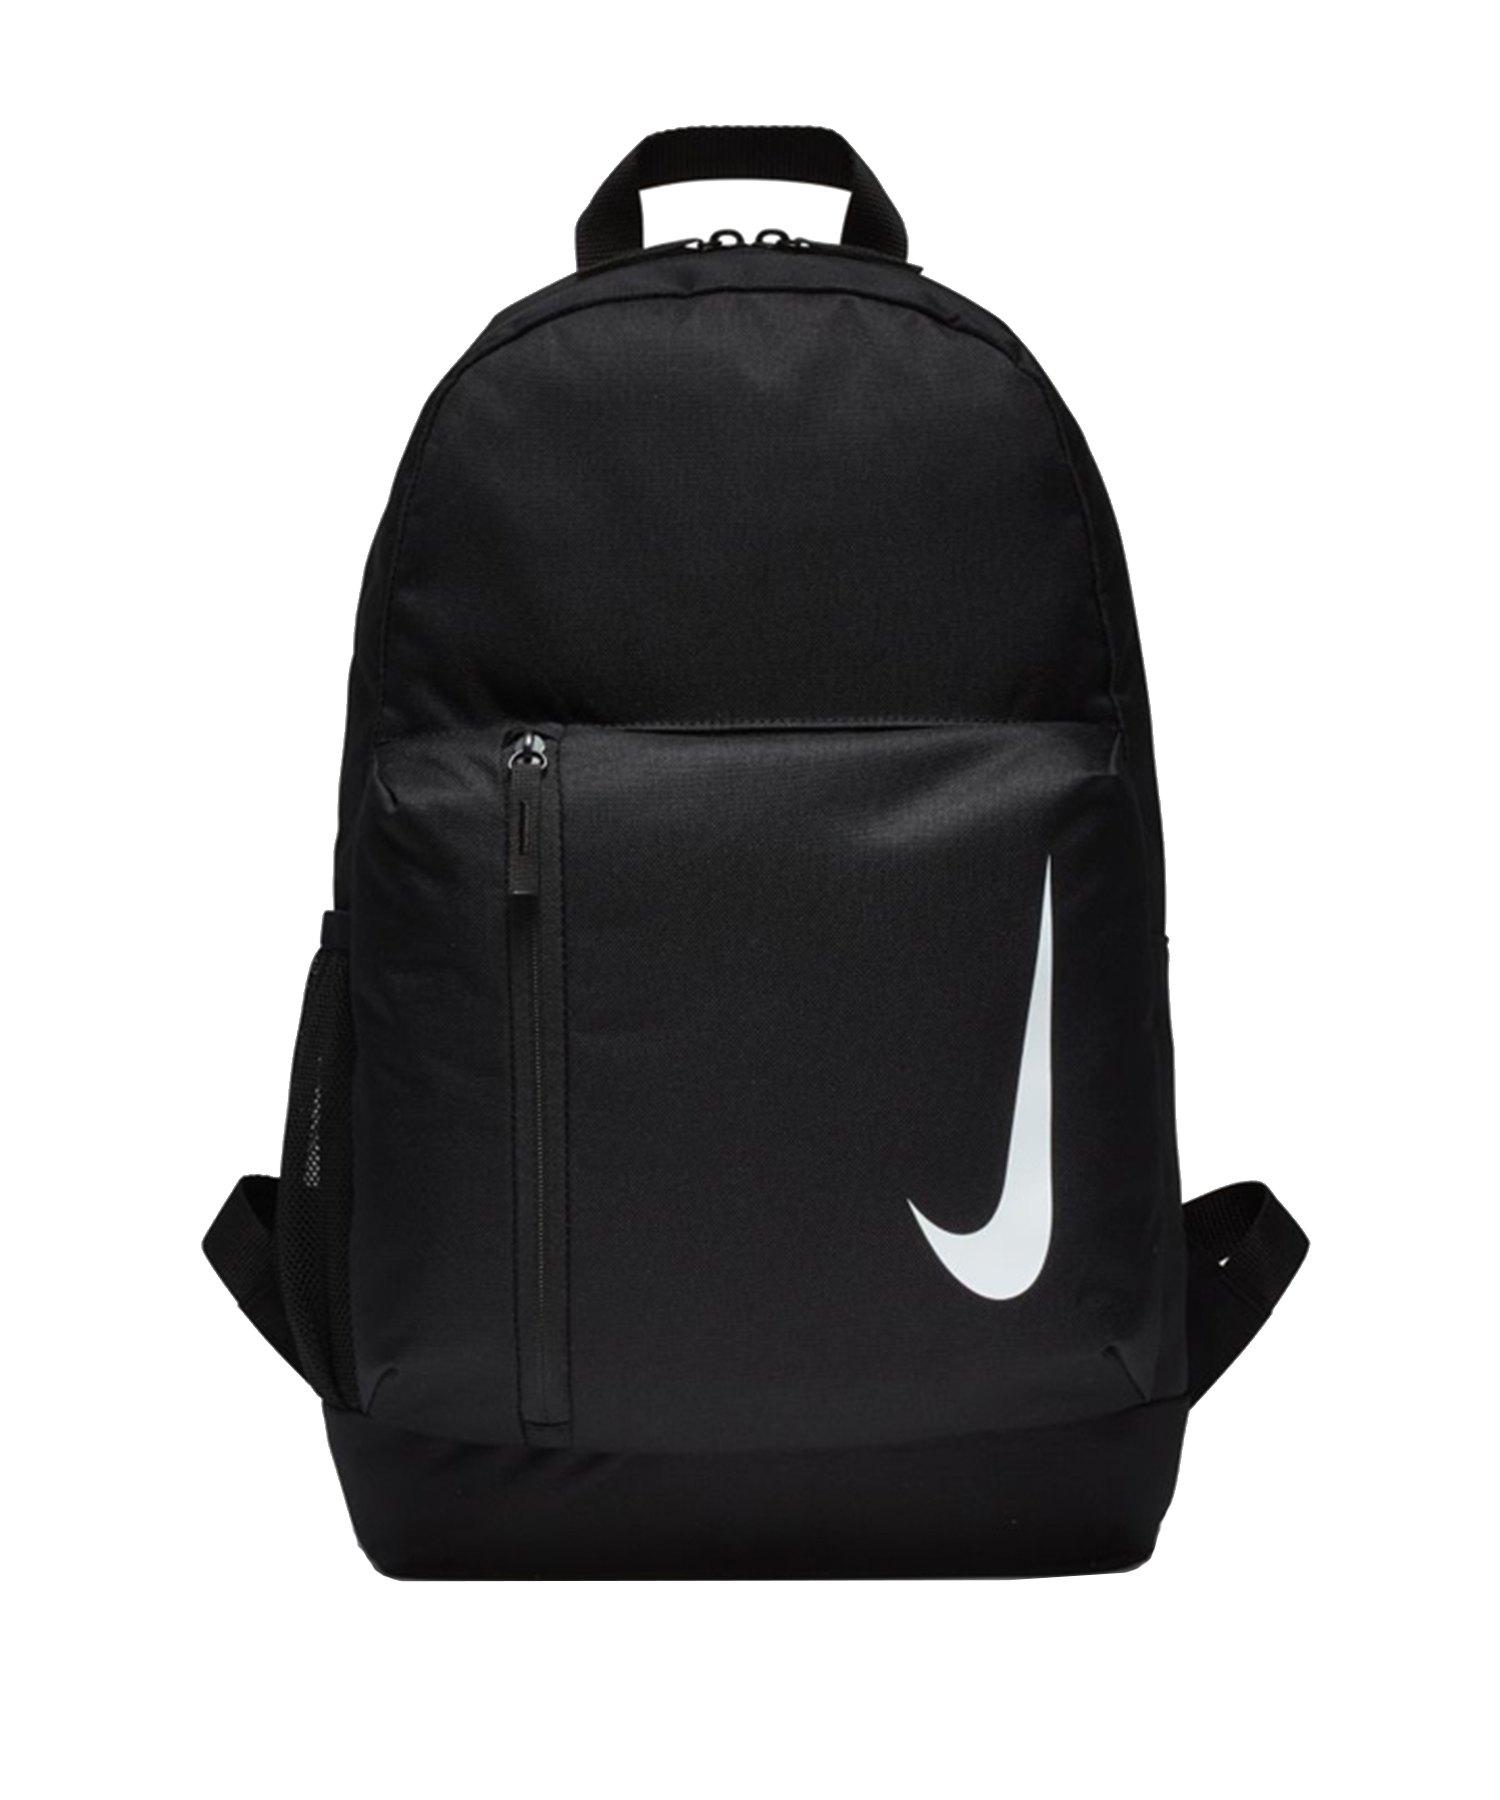 Nike Academy Team Backpack Rucksack Kids F010